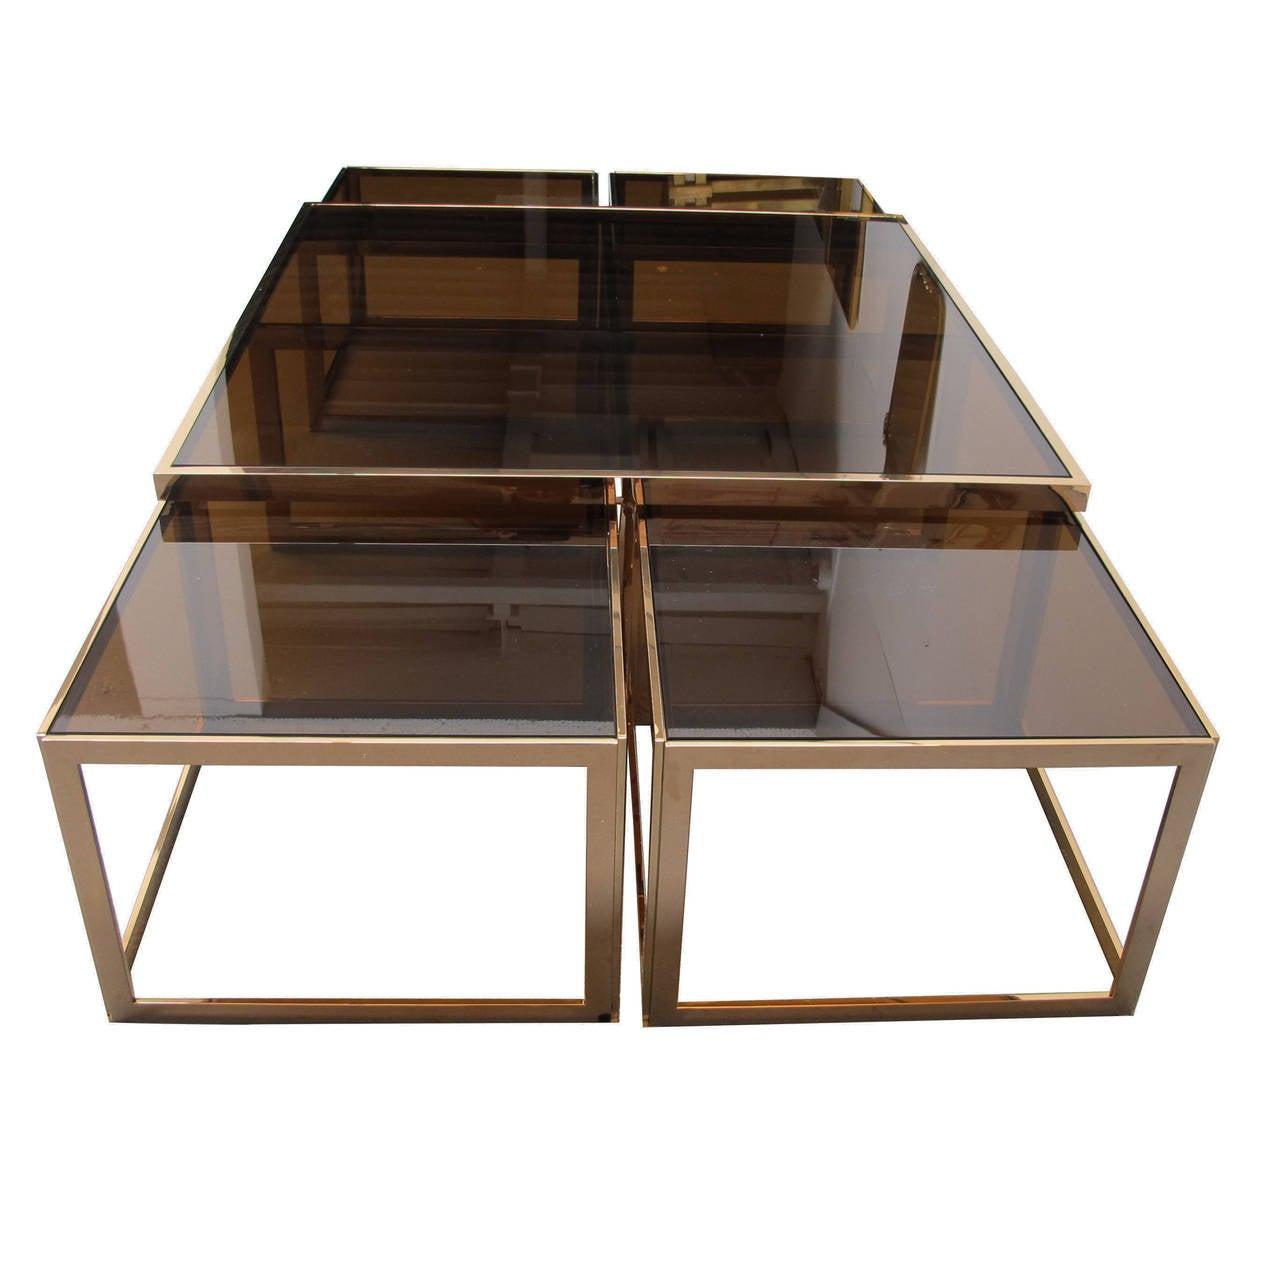 modular coffee table image 3 20 modular coffee table ideas